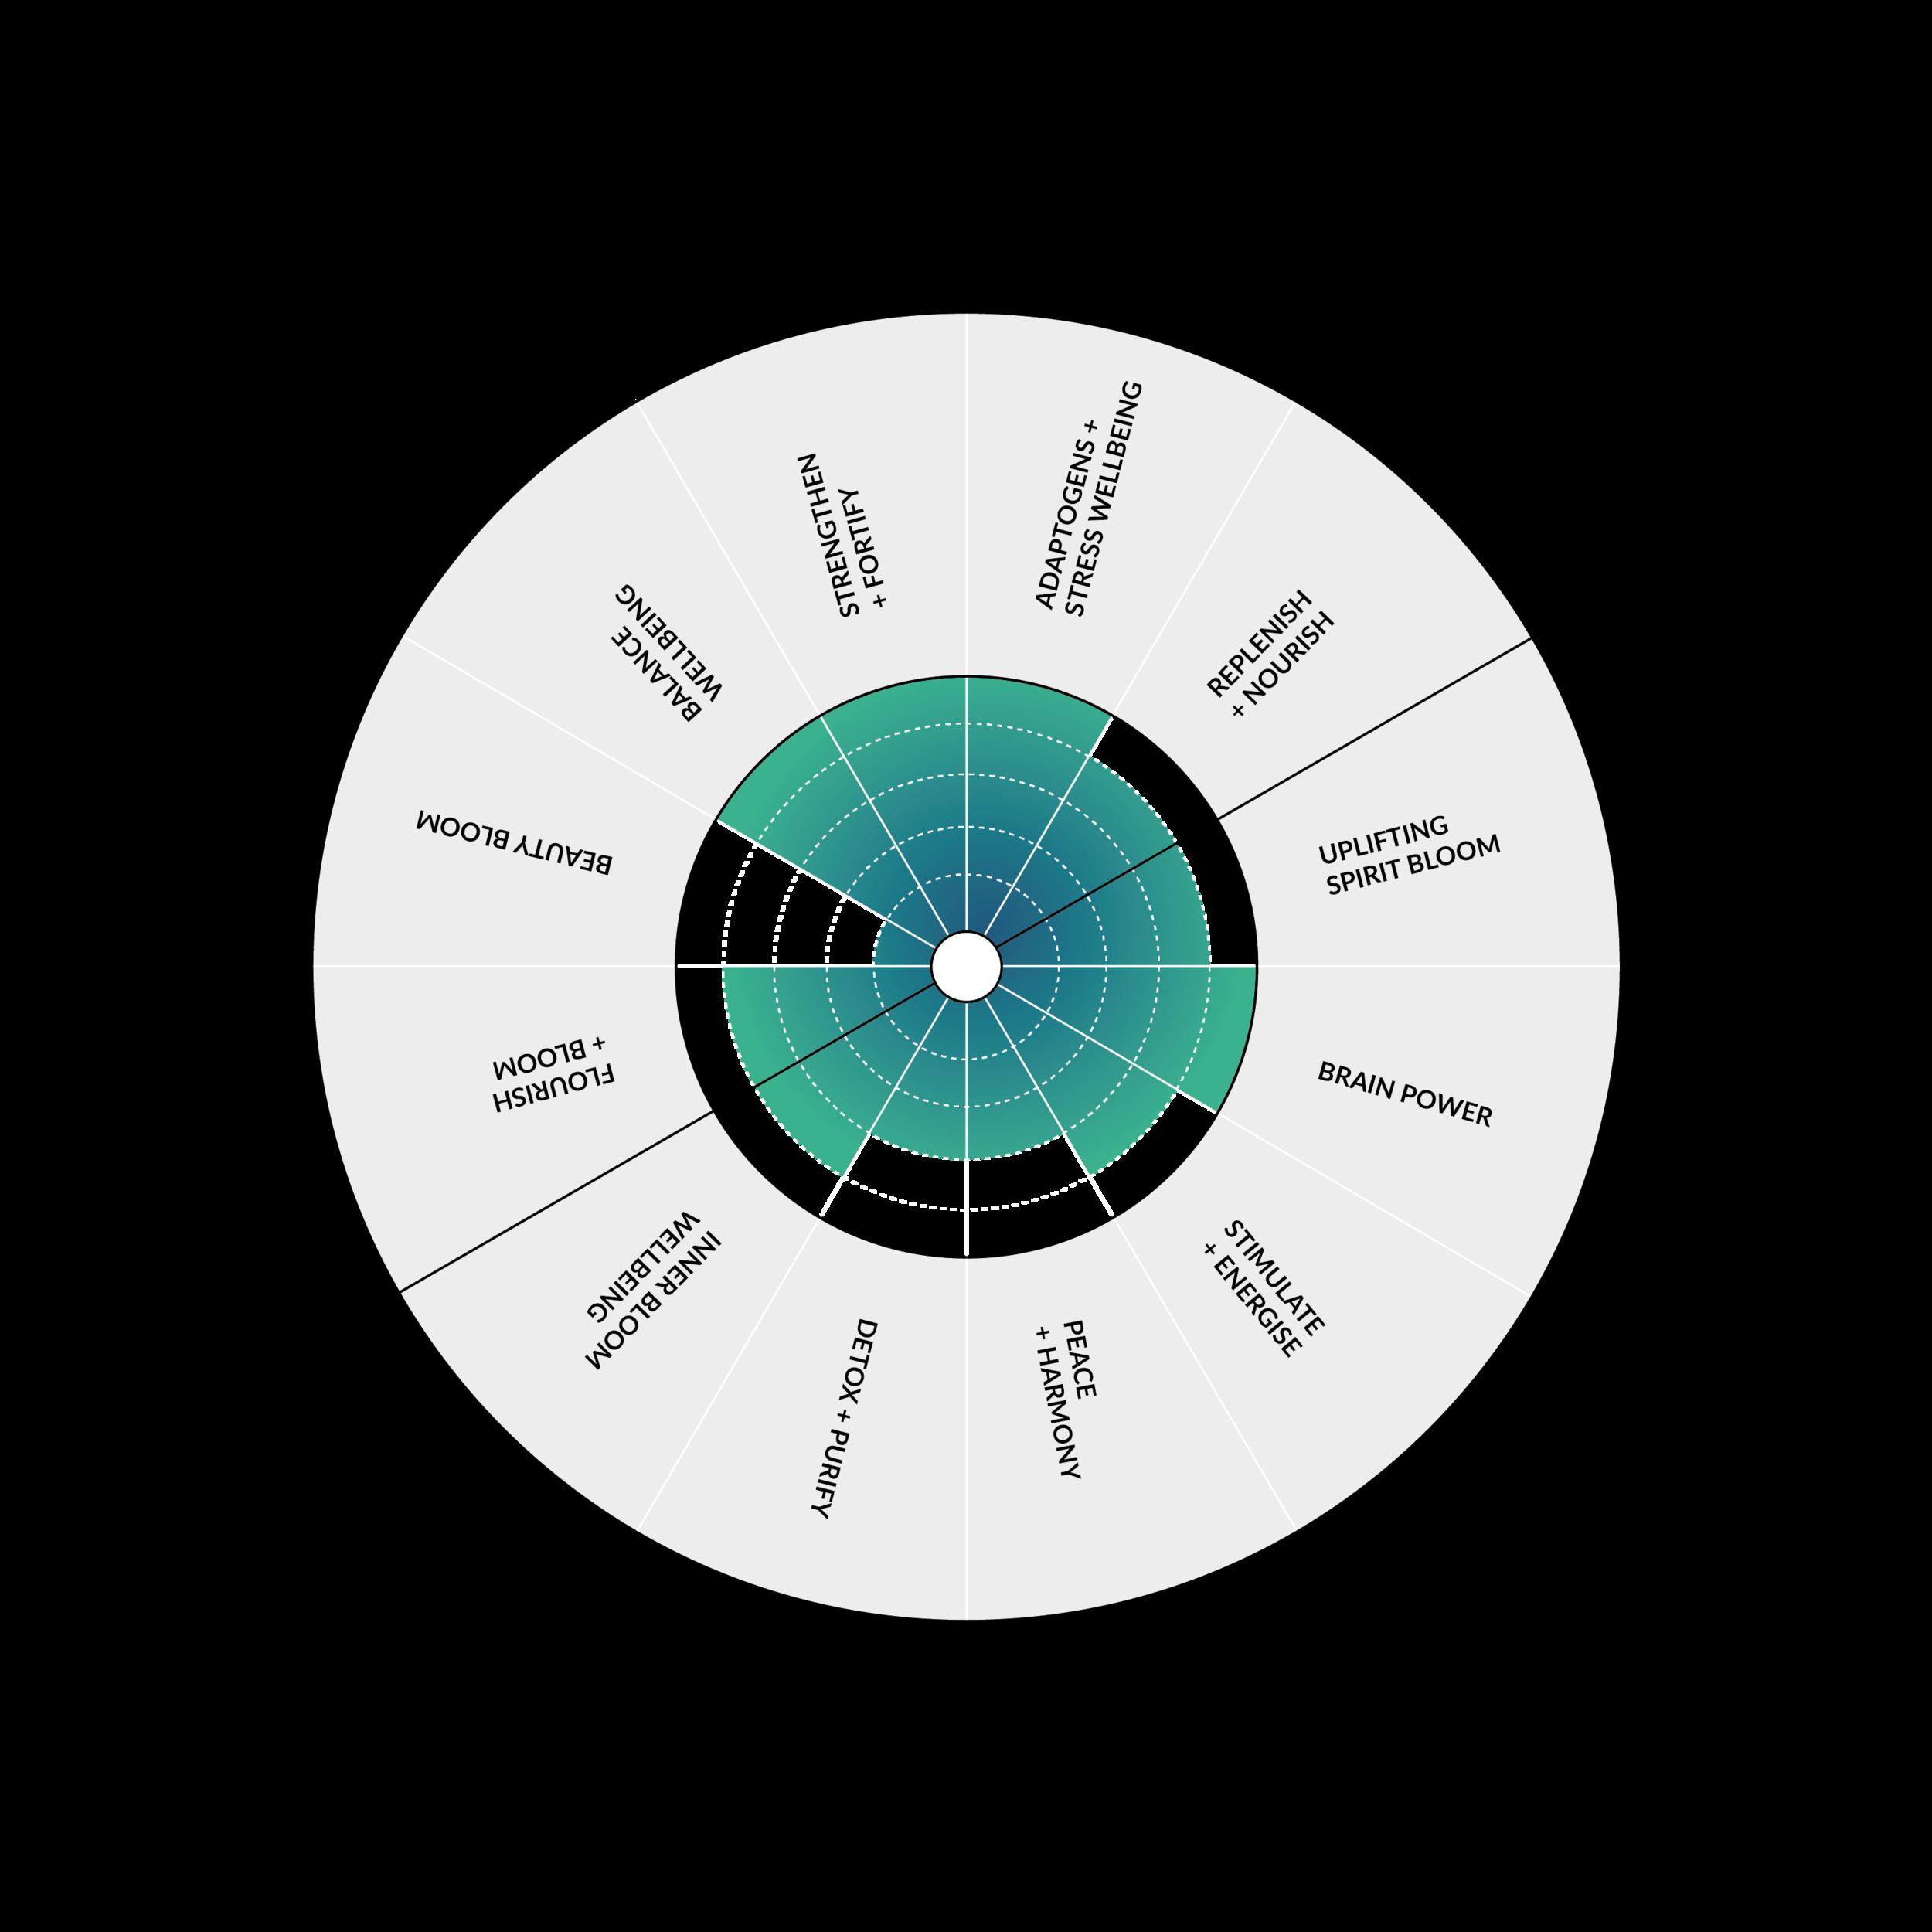 Bolter Design logo design Blooming Blends